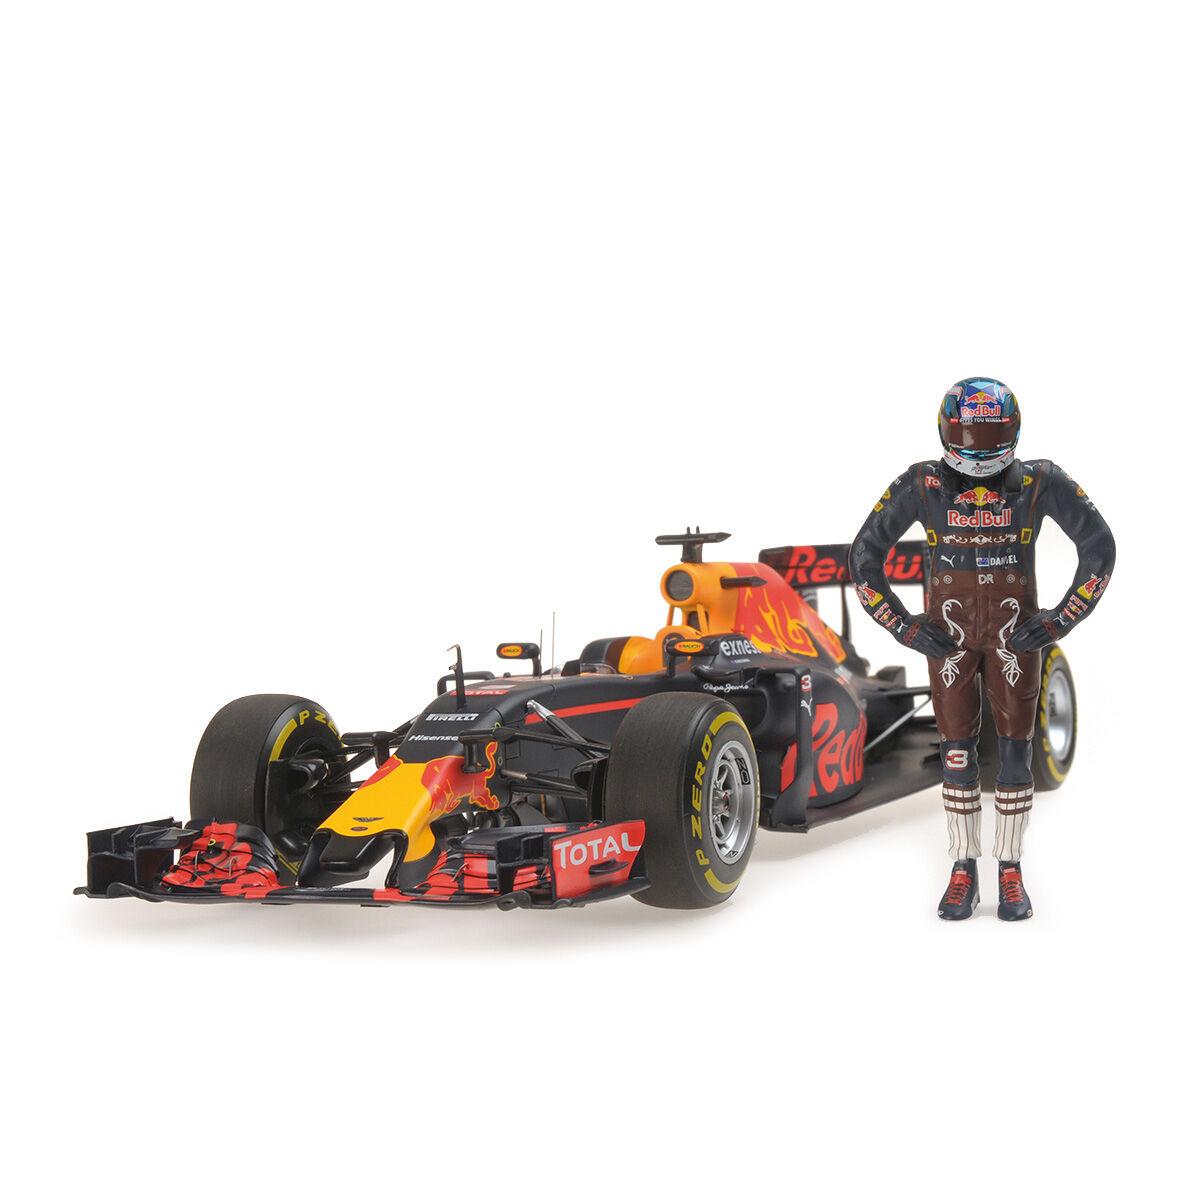 Minichamps 117160603 1 18 2016 rossoBULL RB12 Ricciardo AUSTRIACO GP F1 ™ modello